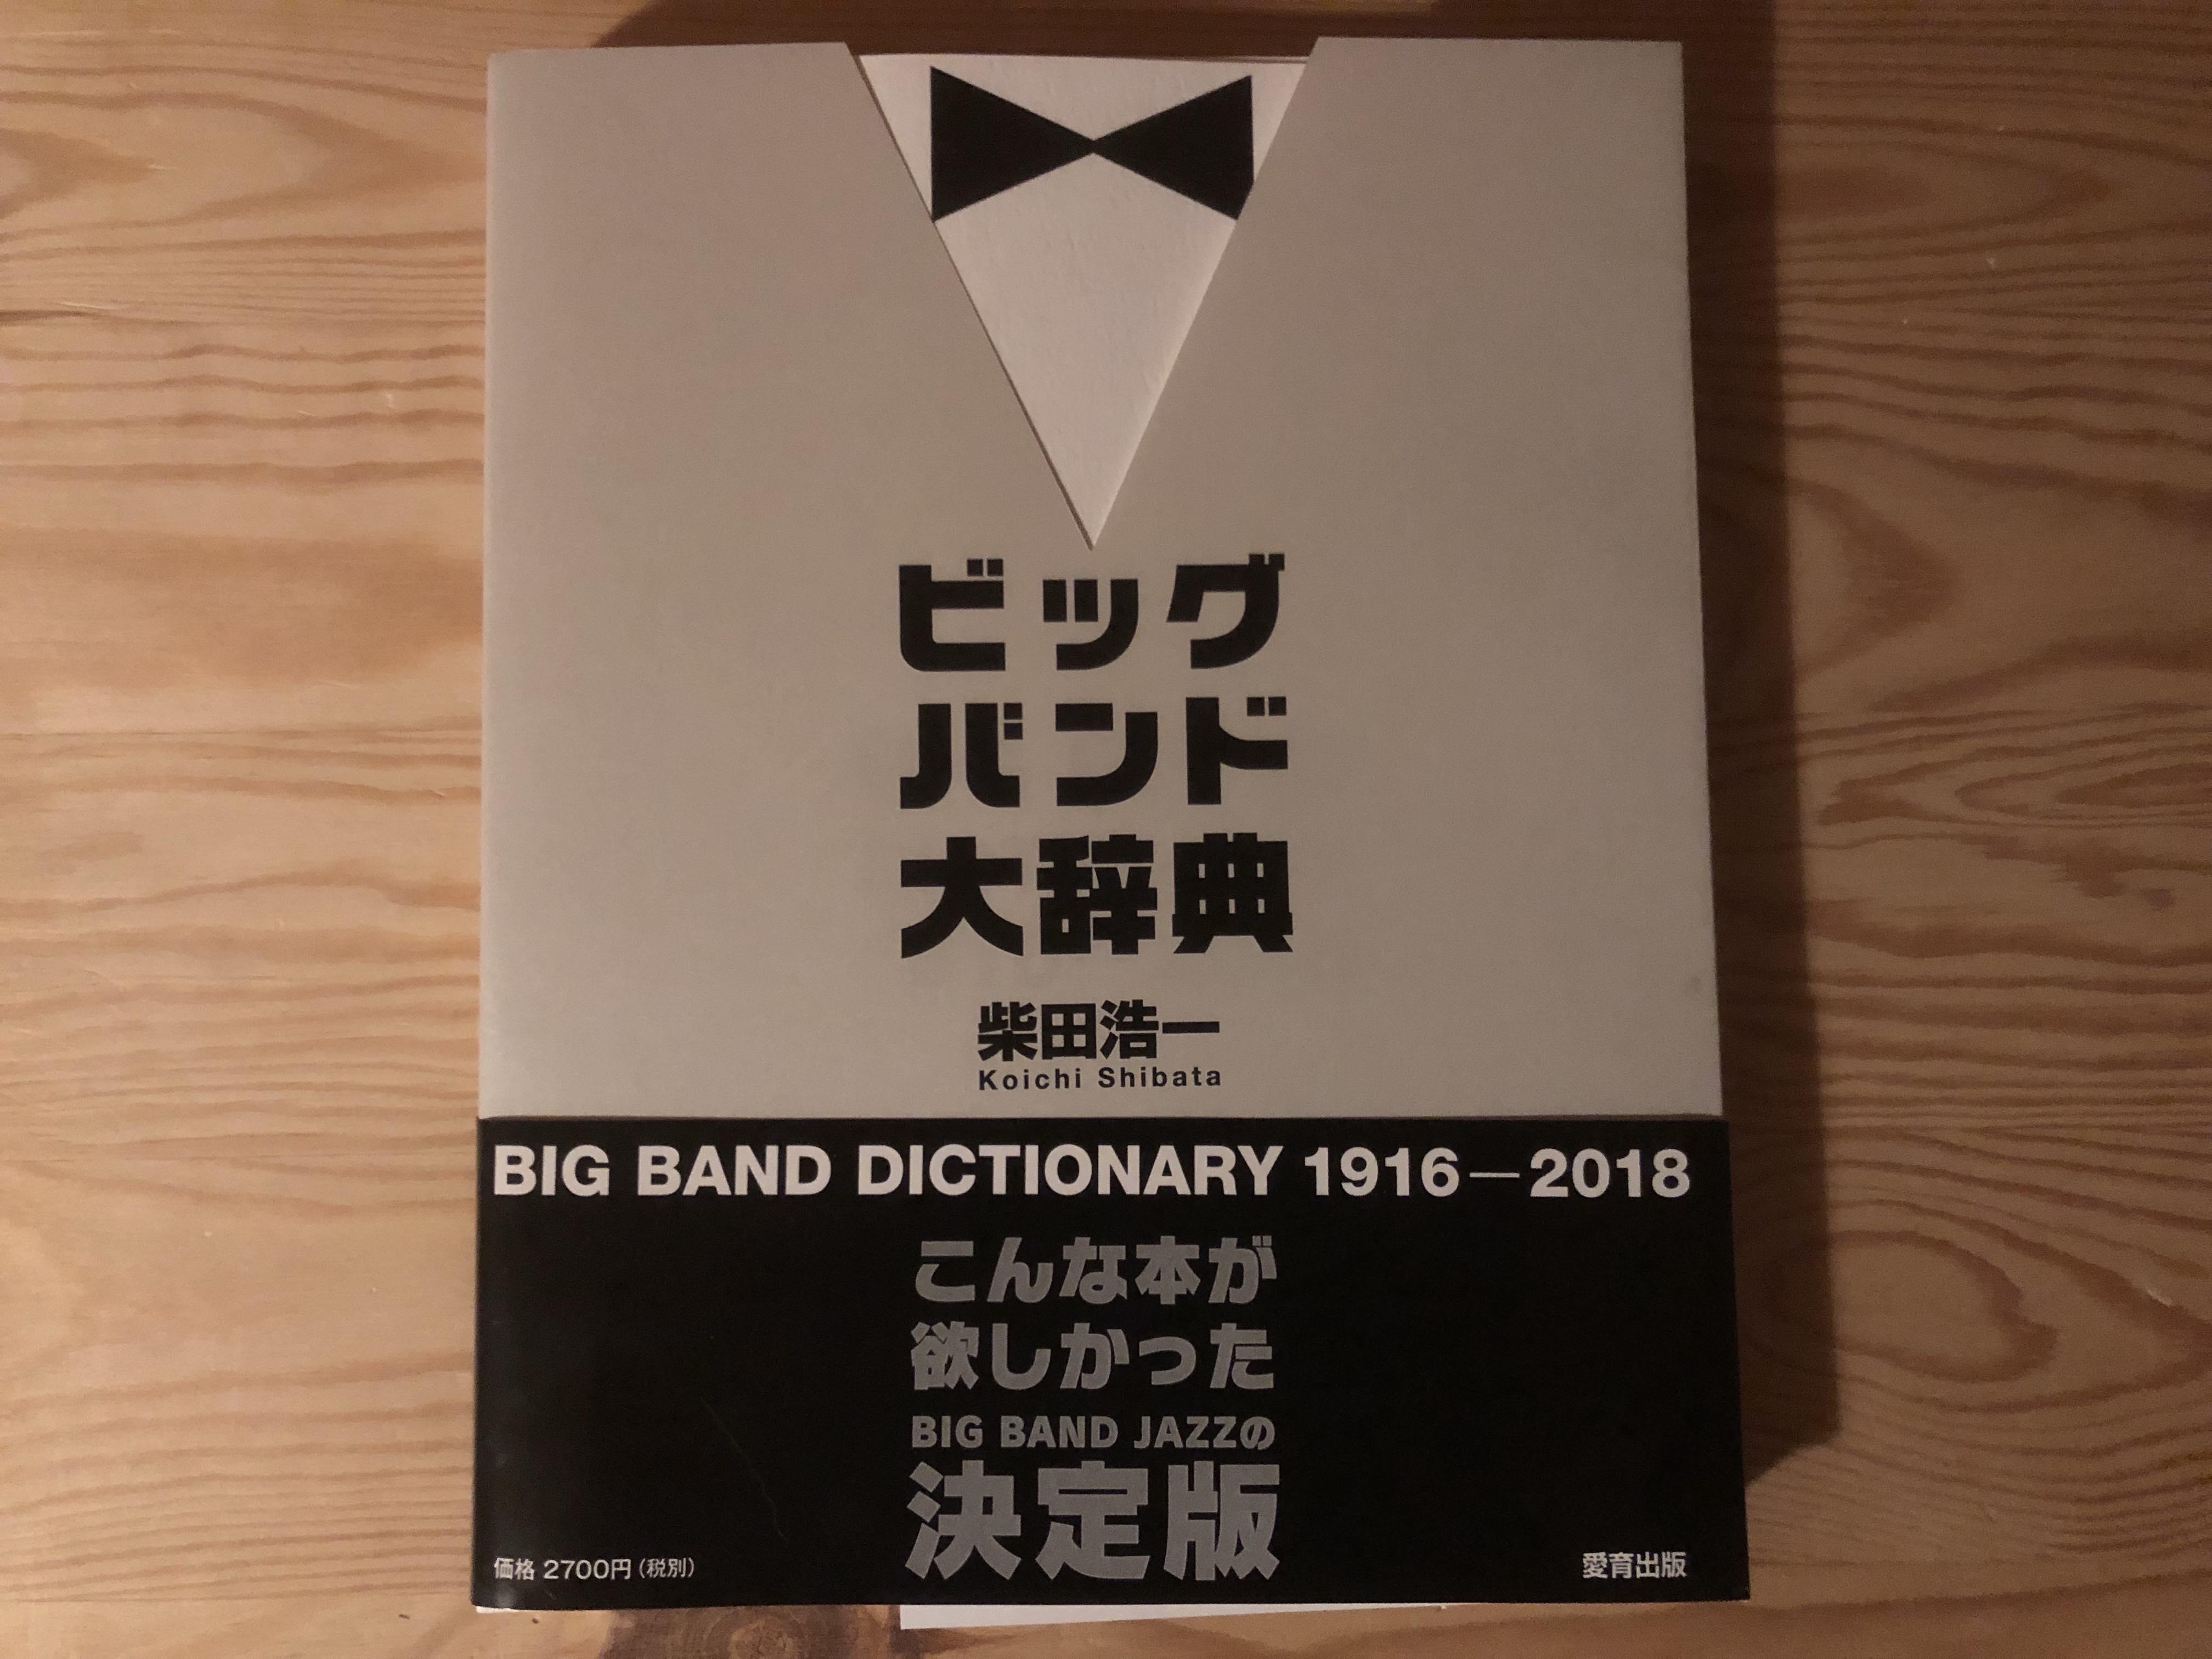 이 1 권으로 「요코하마 재즈 프롬나드 '이 10 배 즐거워진다!